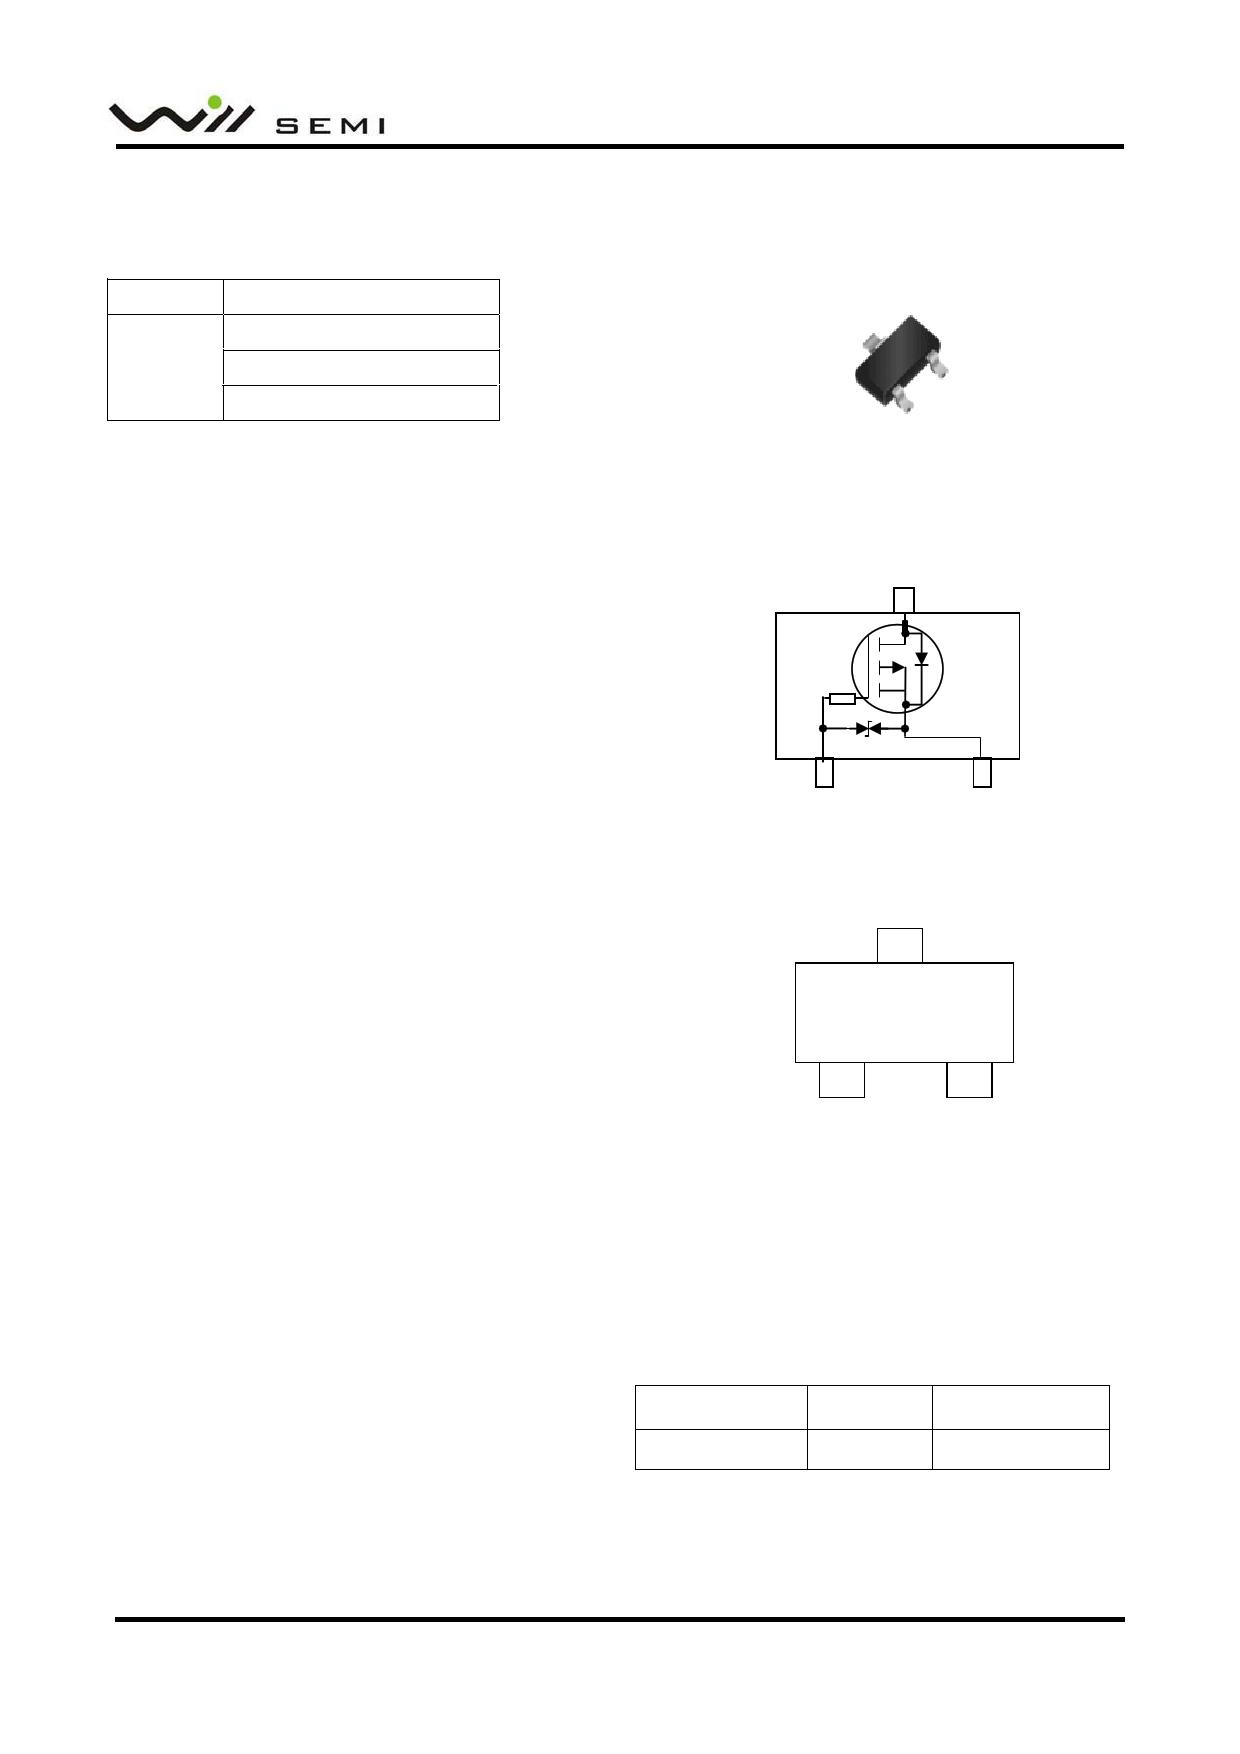 WPM2019 datasheet